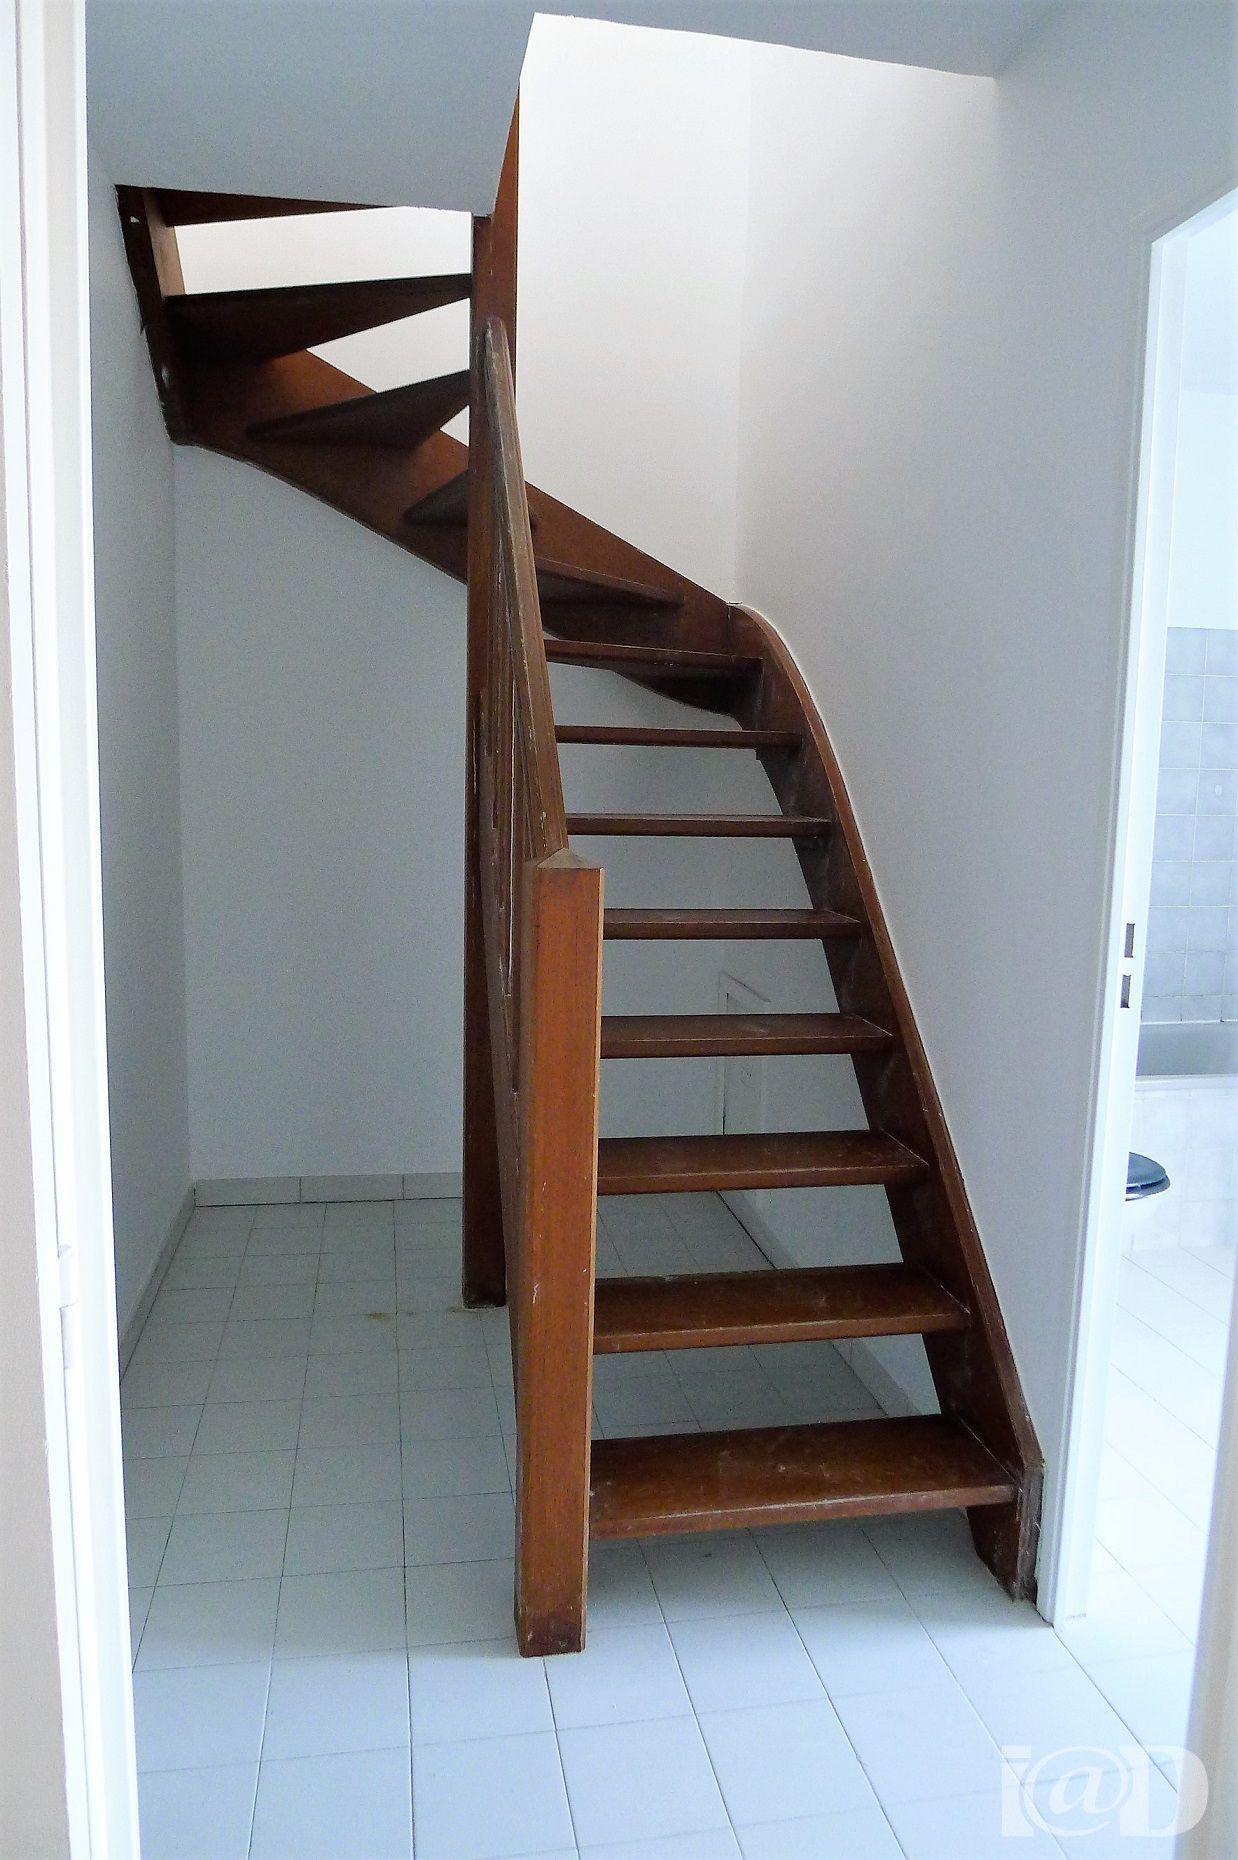 Vente Appartement à Martigues 13500 De 46 M2 Vente Appartement Appartement Maison